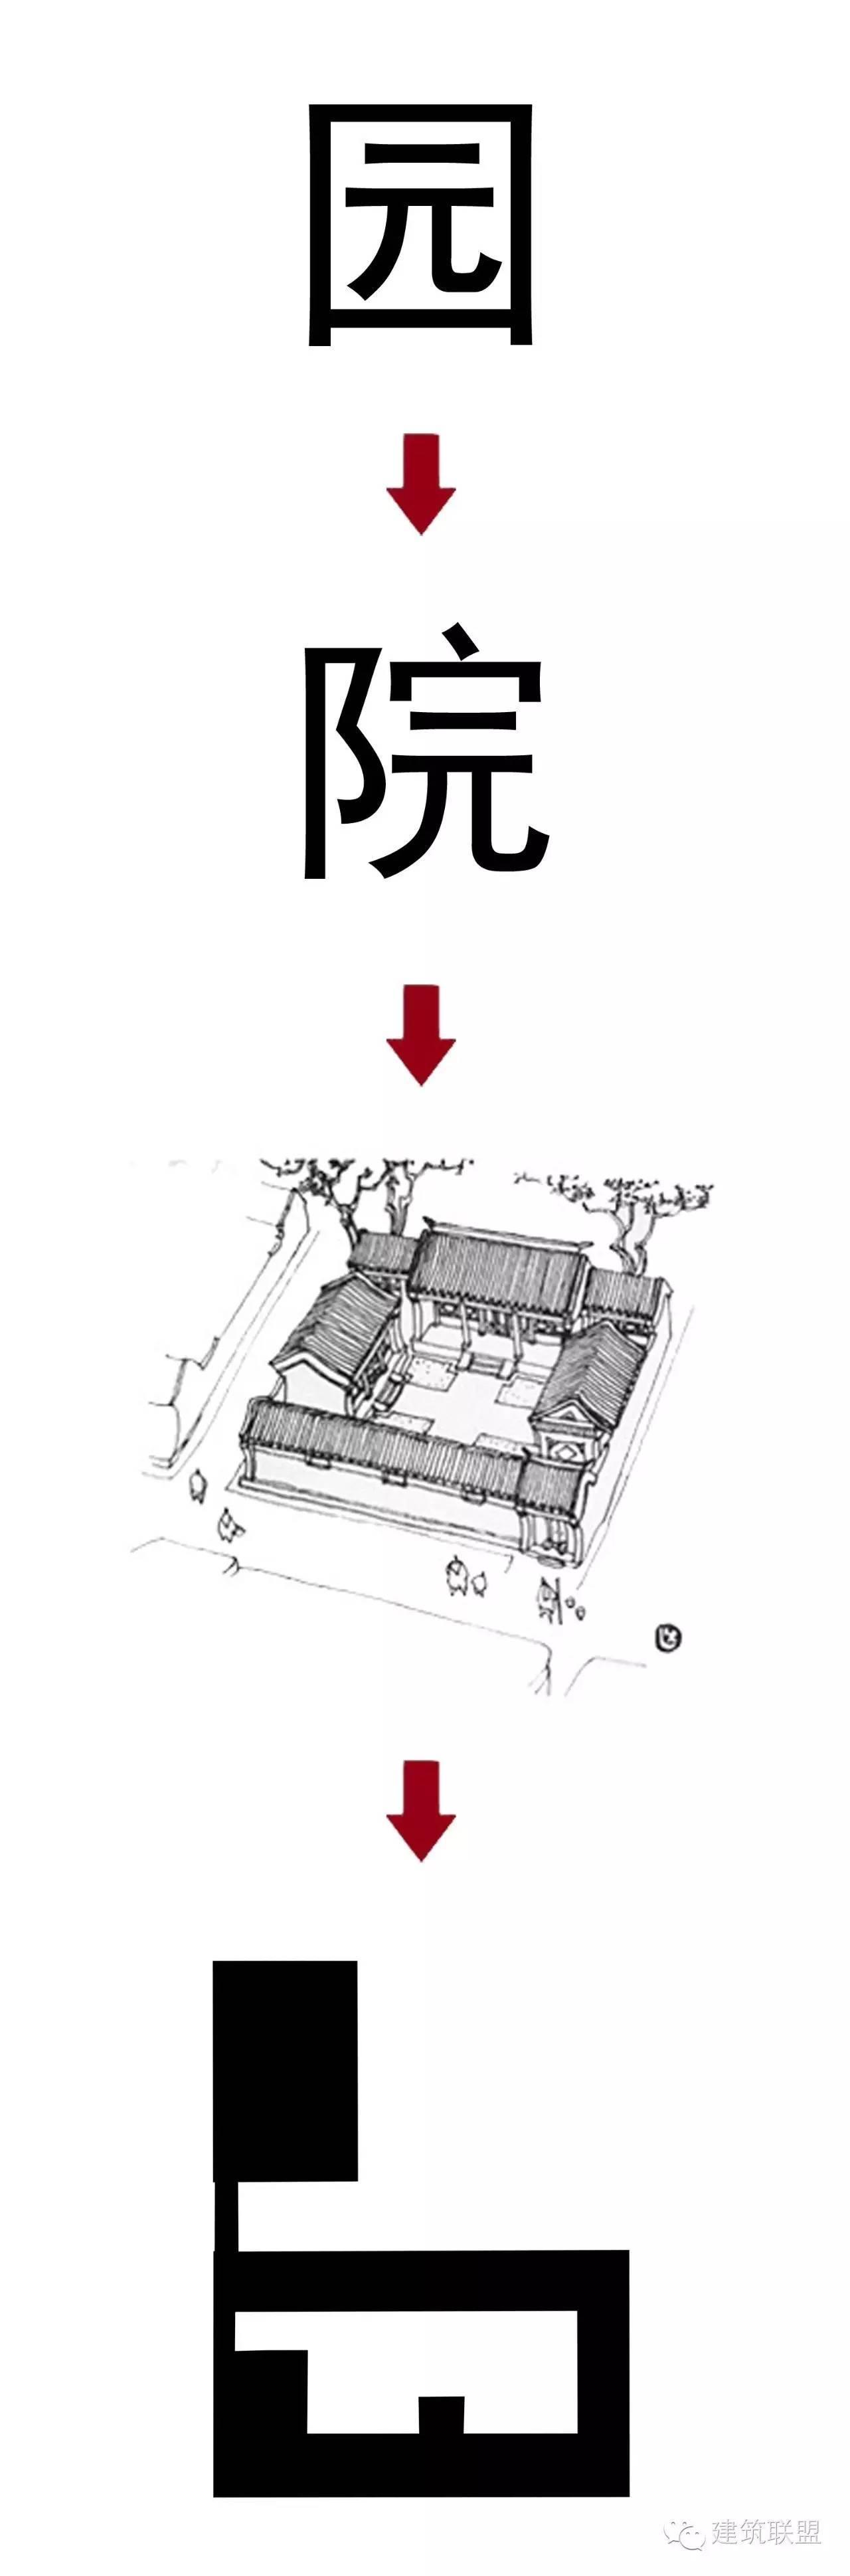 """浙江安吉下扇拆迁安置小学——心灵家""""园""""的重建/浙大院-思图意象(STI)工作室"""